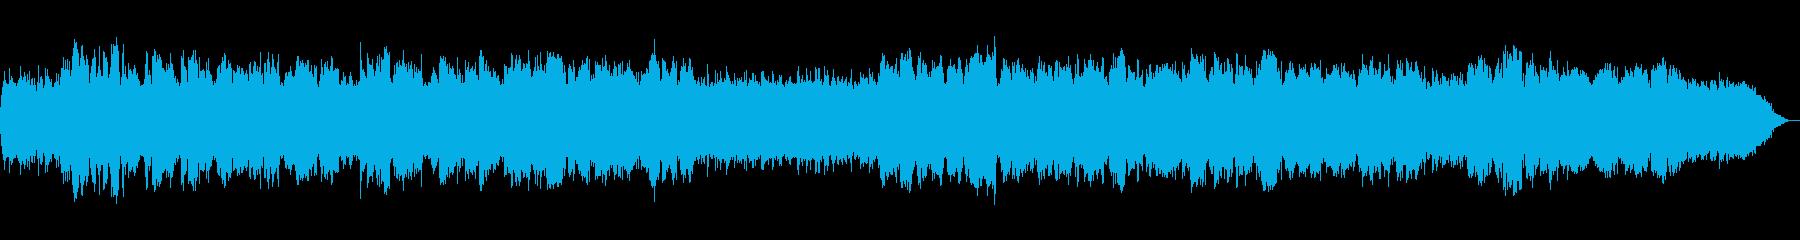 竹笛の低音が印象的なヒーリング音楽の再生済みの波形